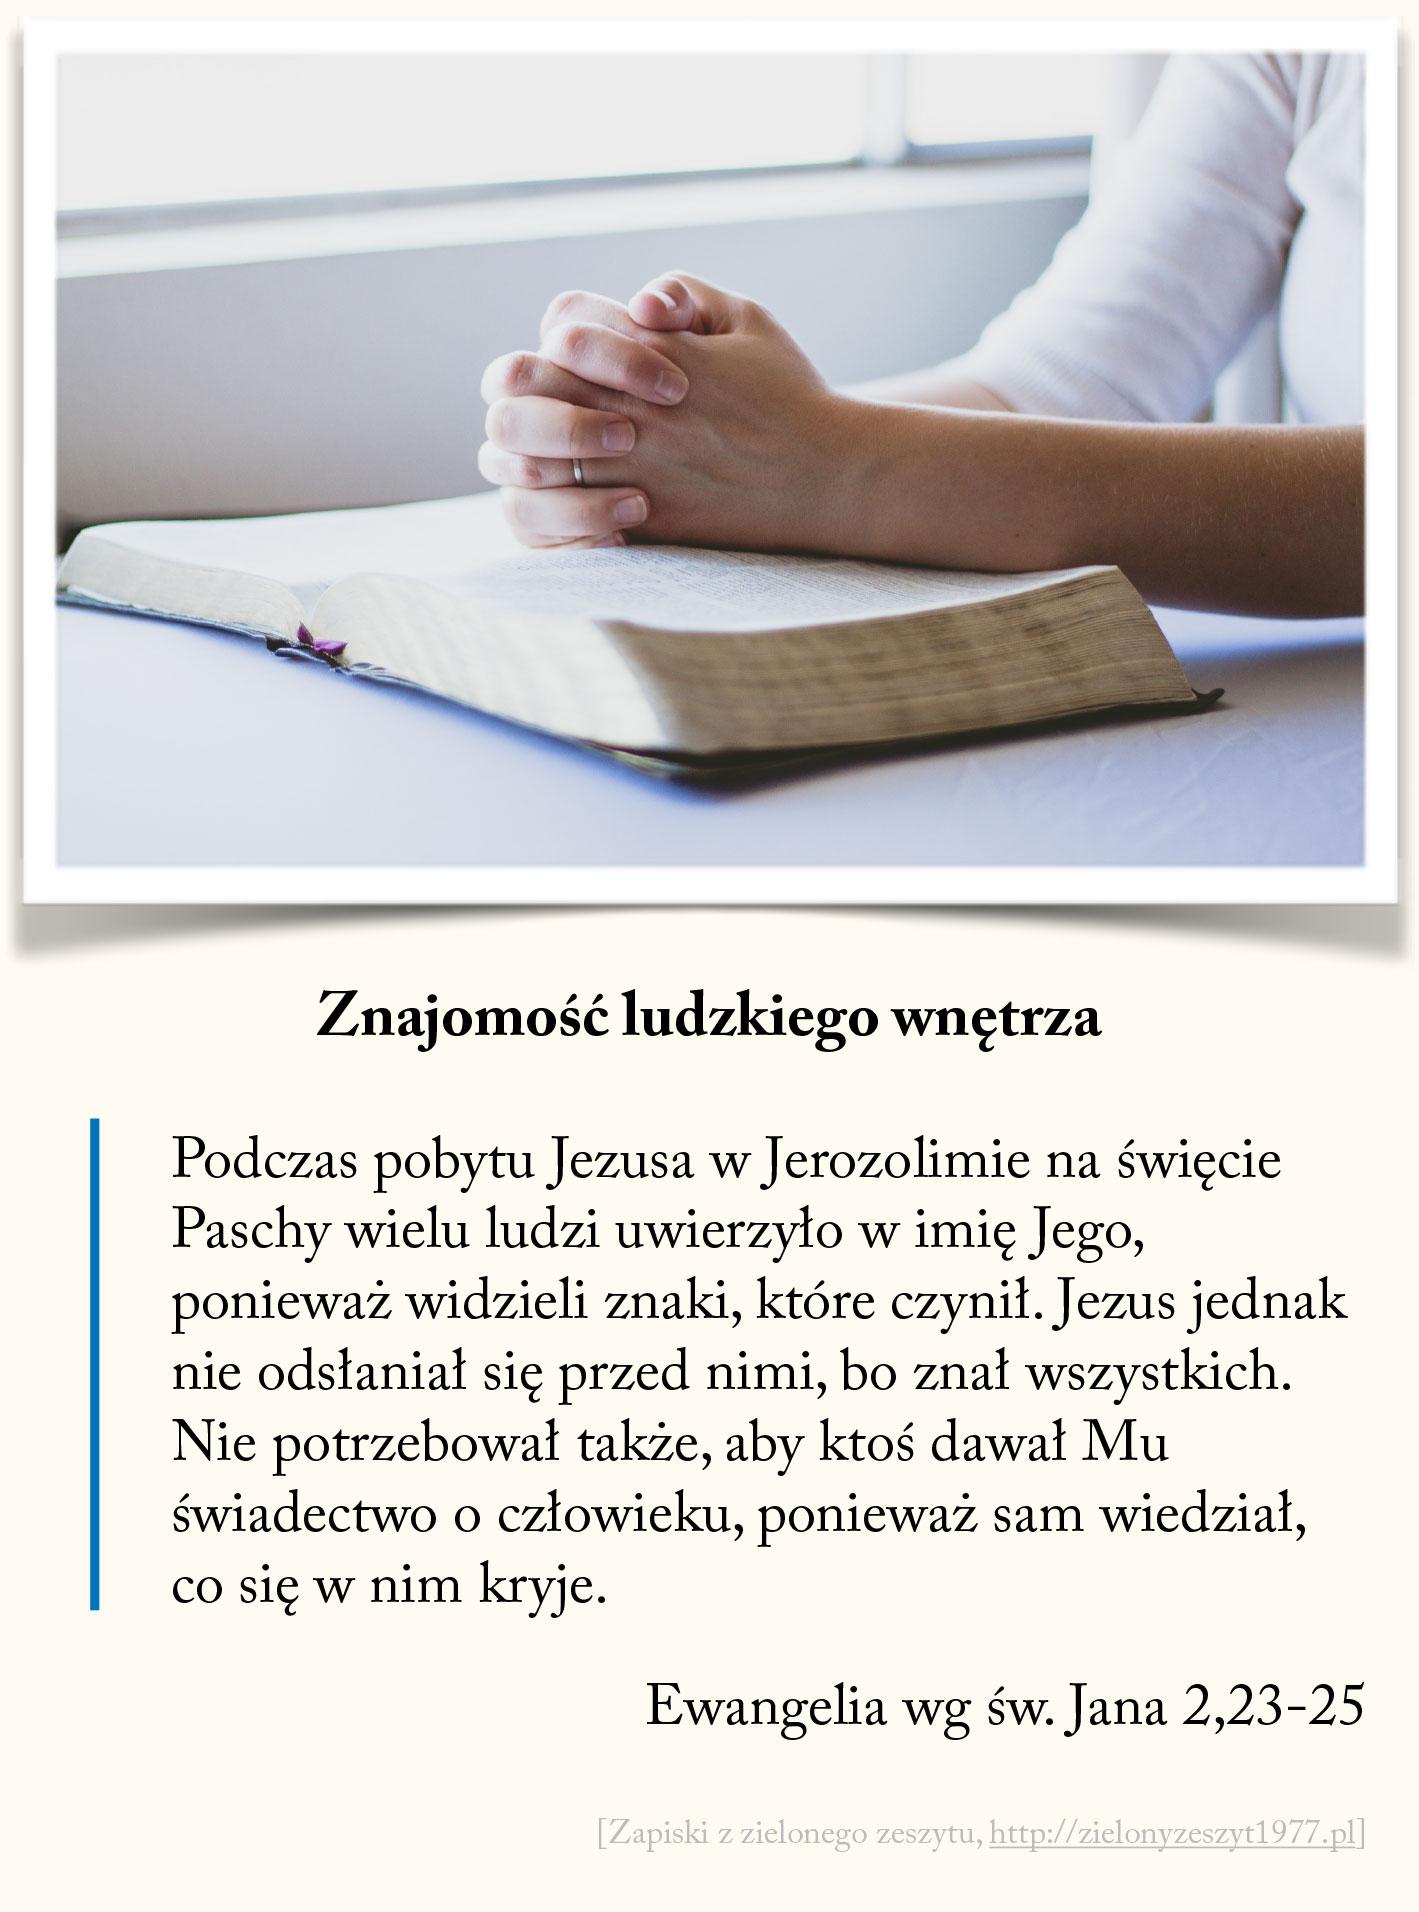 Znajomość ludzkiego wnętrza, Ewangelia wg św. Jana